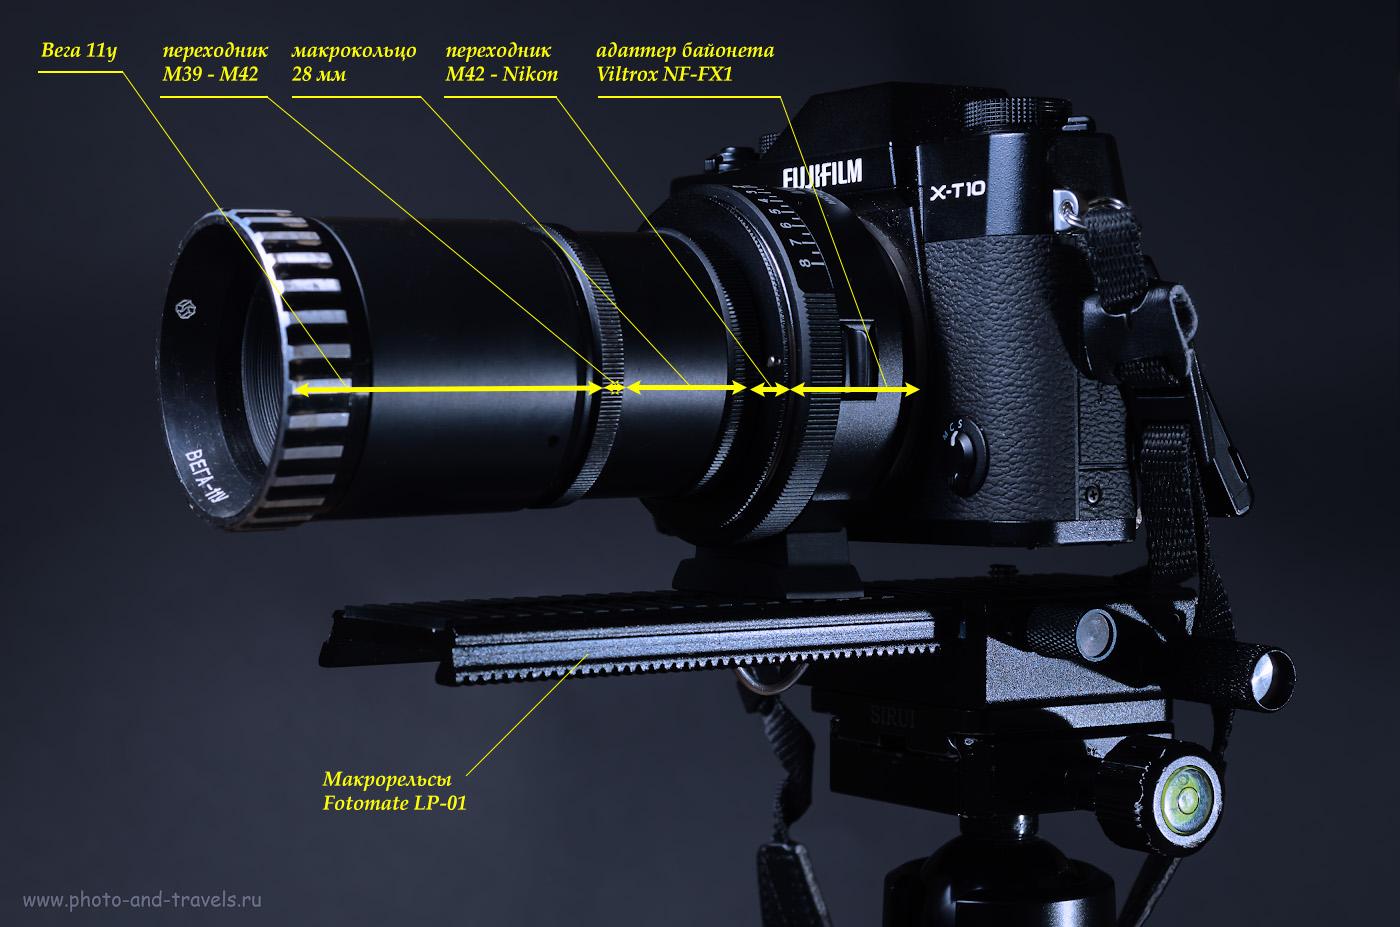 3. Как прикрутить советский объектив к современной камере? В случае с Вега-11У понадобится переходник М39/М42 и М42/Nikon F. Степень увеличения регулируется длиной макроколец.